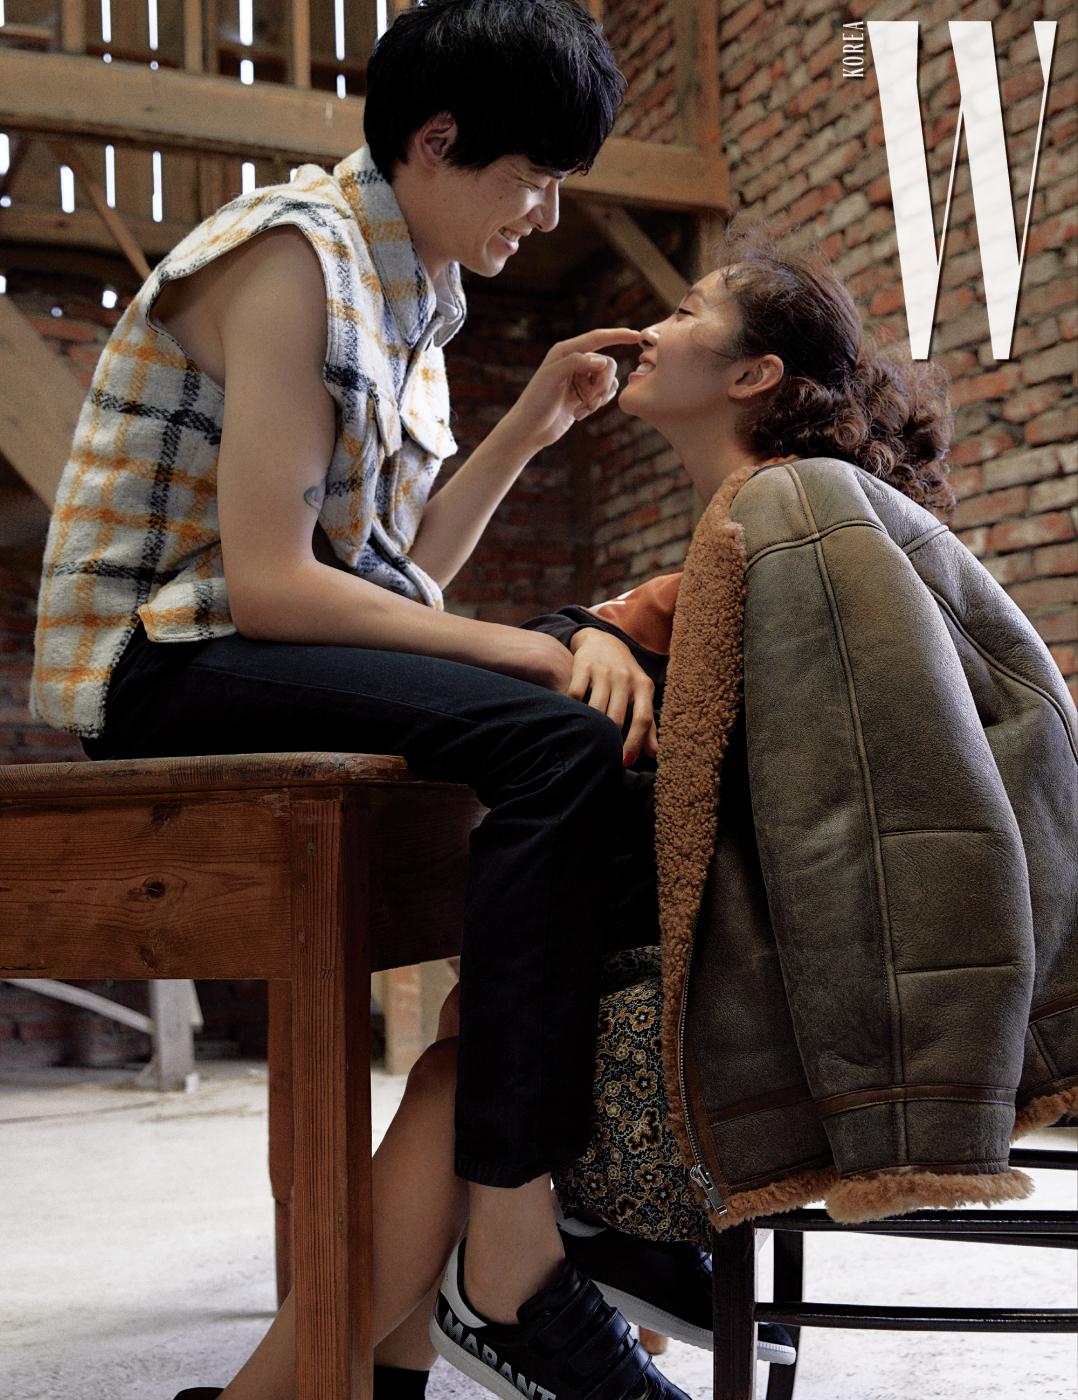 김원중이 입은 체크무늬 슬리브리스 재킷과 네이비색 면 팬츠, 벨크로 스니커즈는 Isabel Marant Homme 제품. 곽지영이 입은 빈티지 워싱이 멋진 갈색 시어링 재킷은 Isabel Marant Etoile 제품.